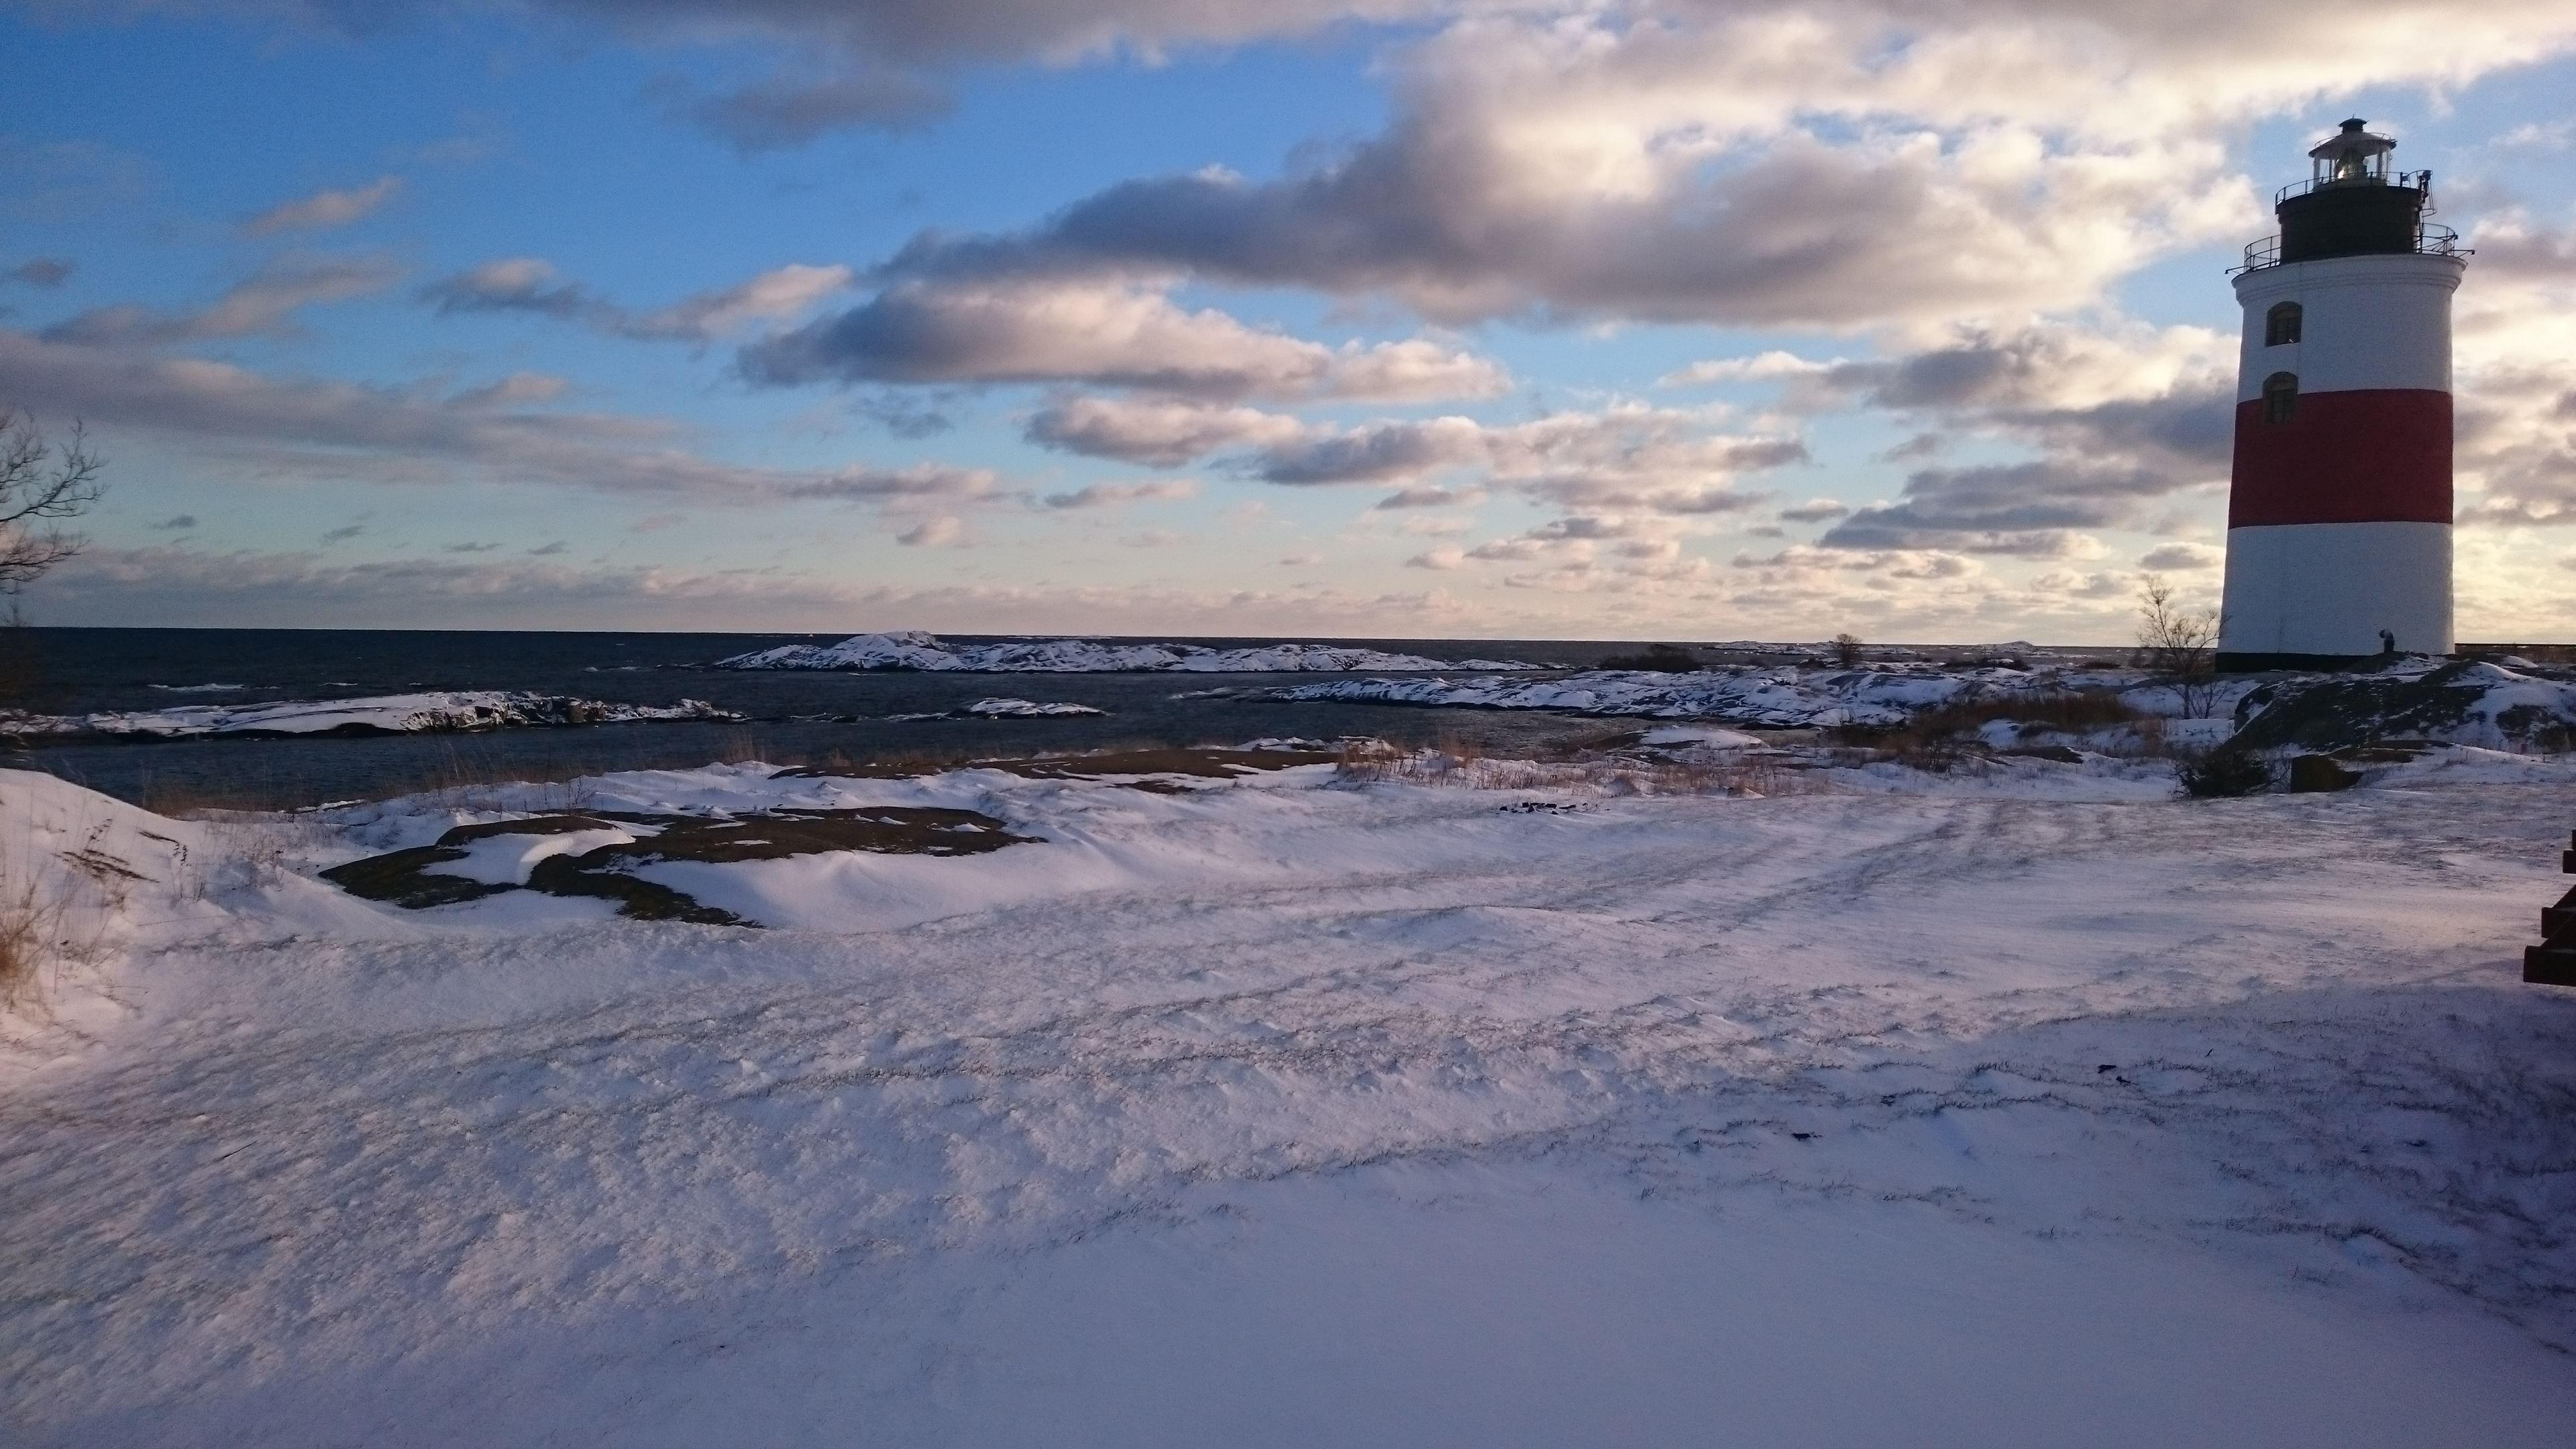 Vinteräventyr i ytterskärgården – Söderarm – 2 februari 2019